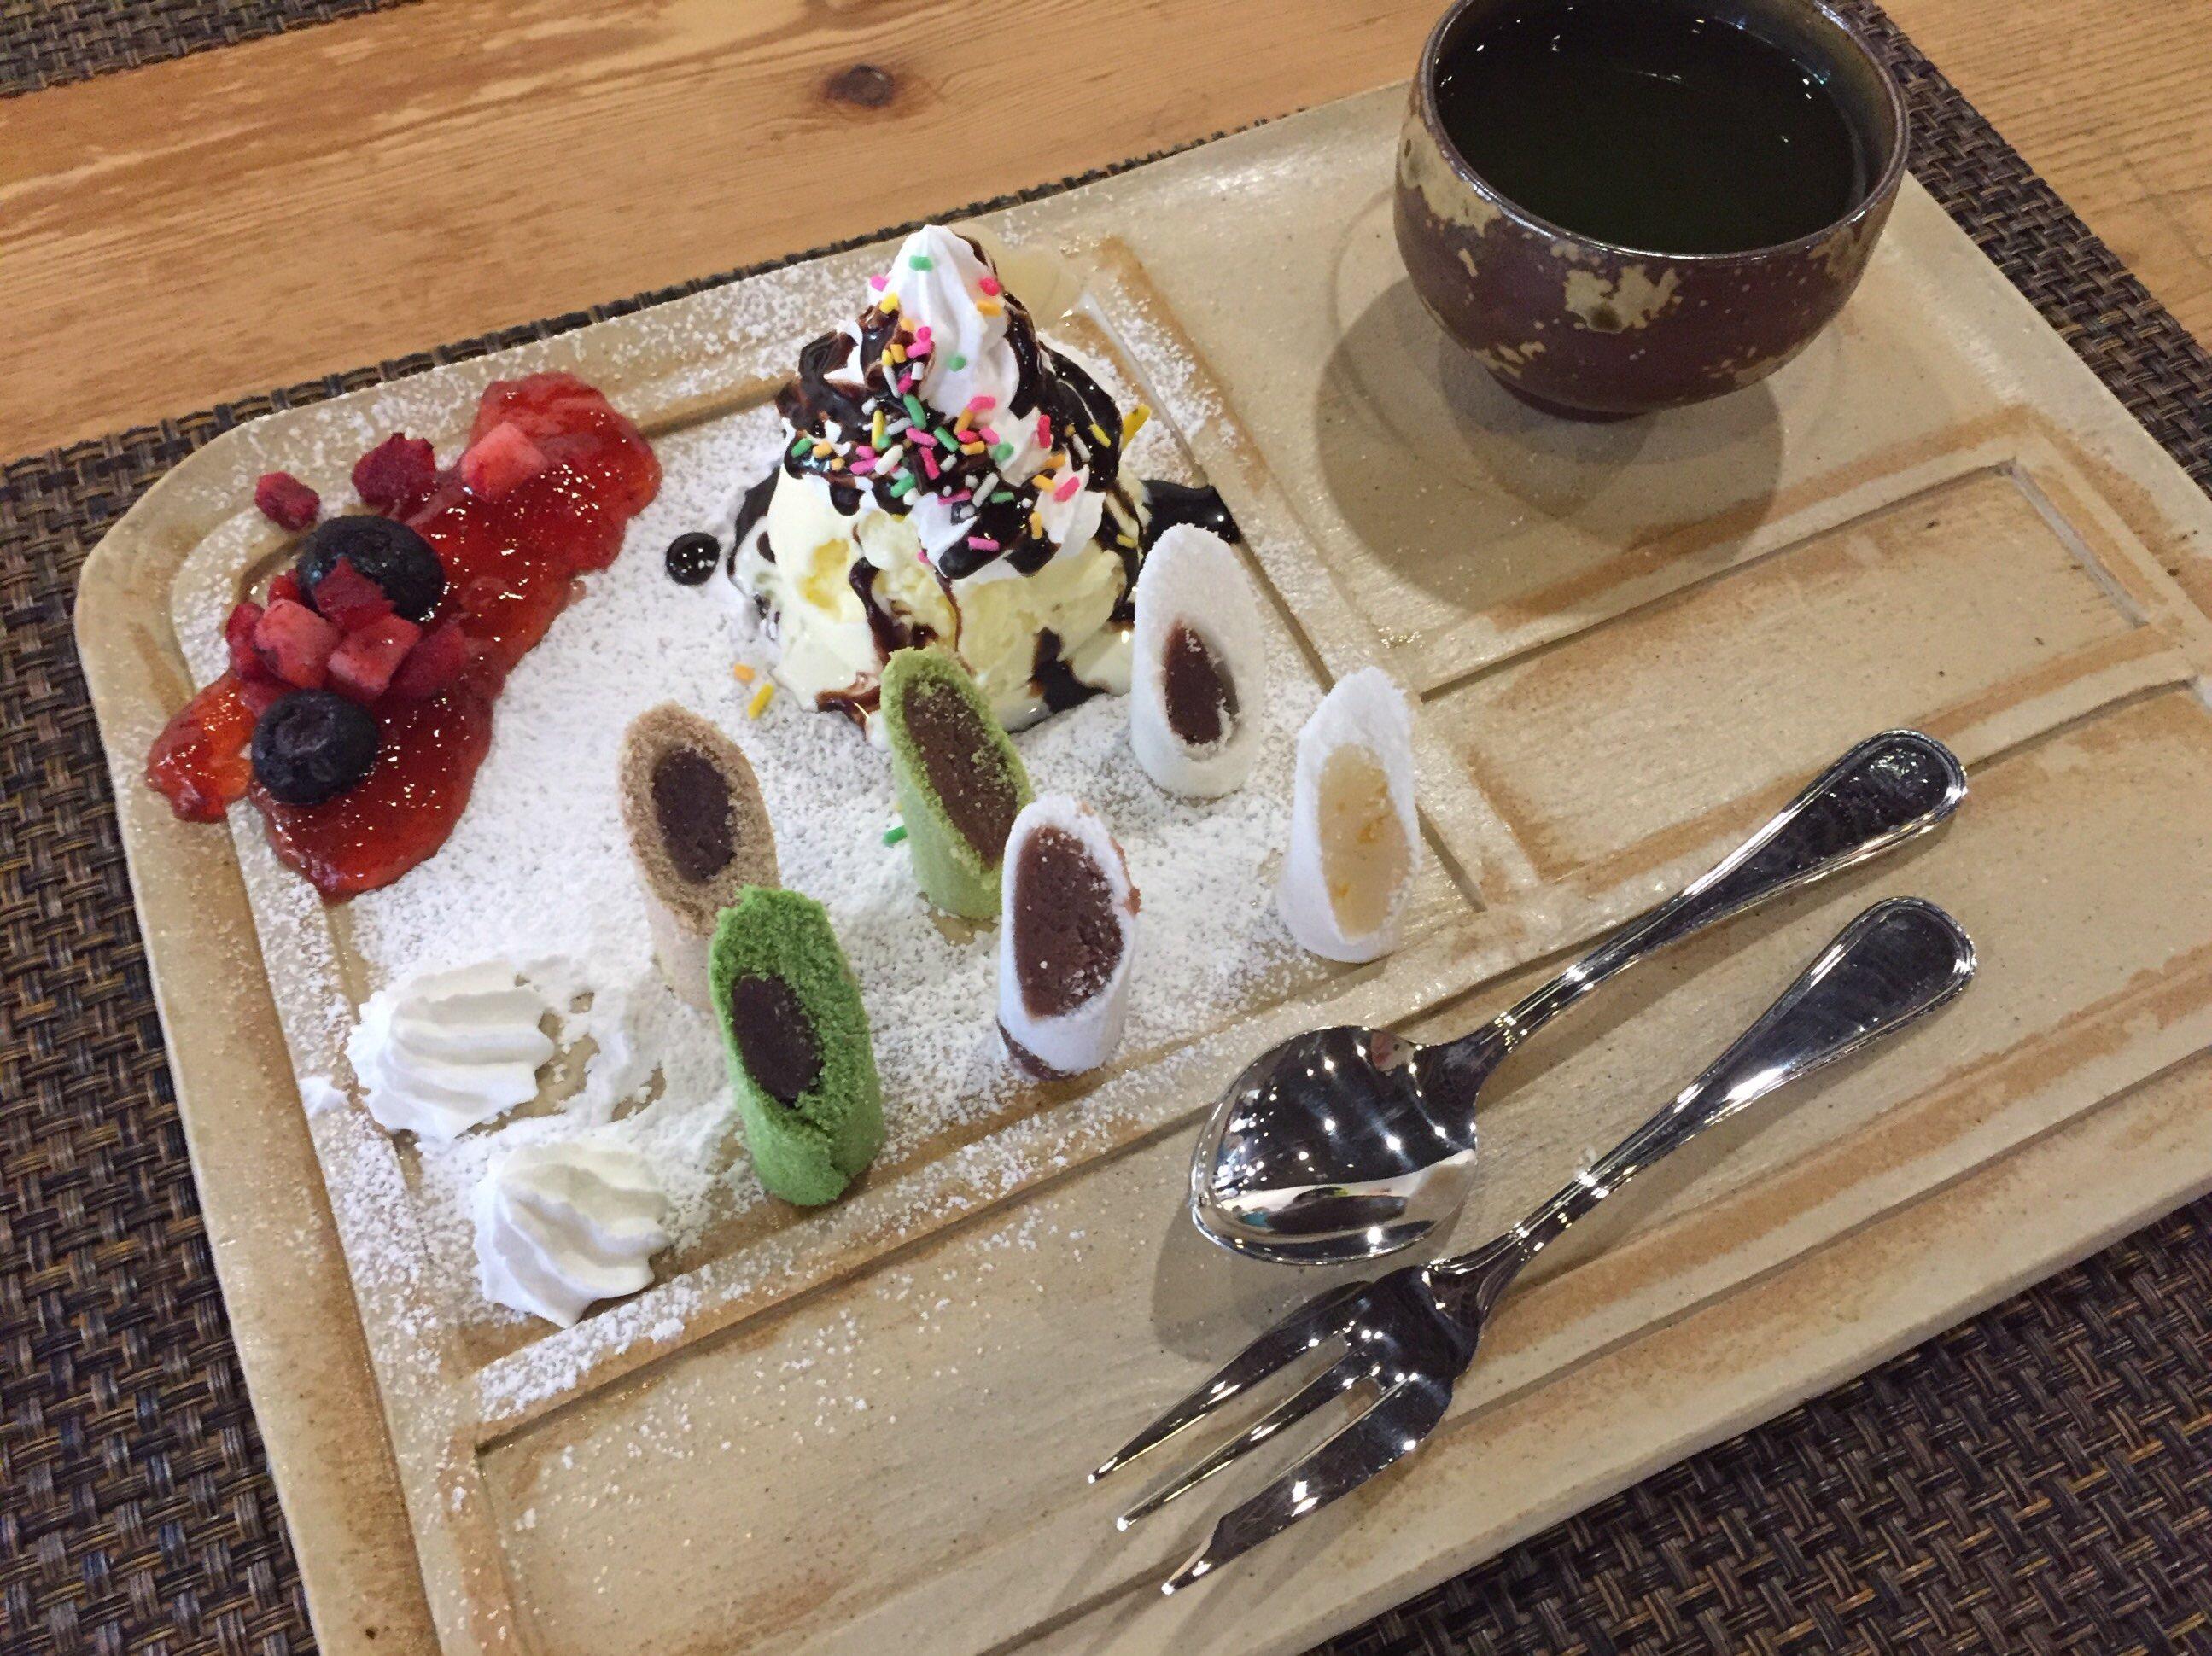 熊本伝統工芸会館で開催された銅銭糖カフェに行ってきた ...